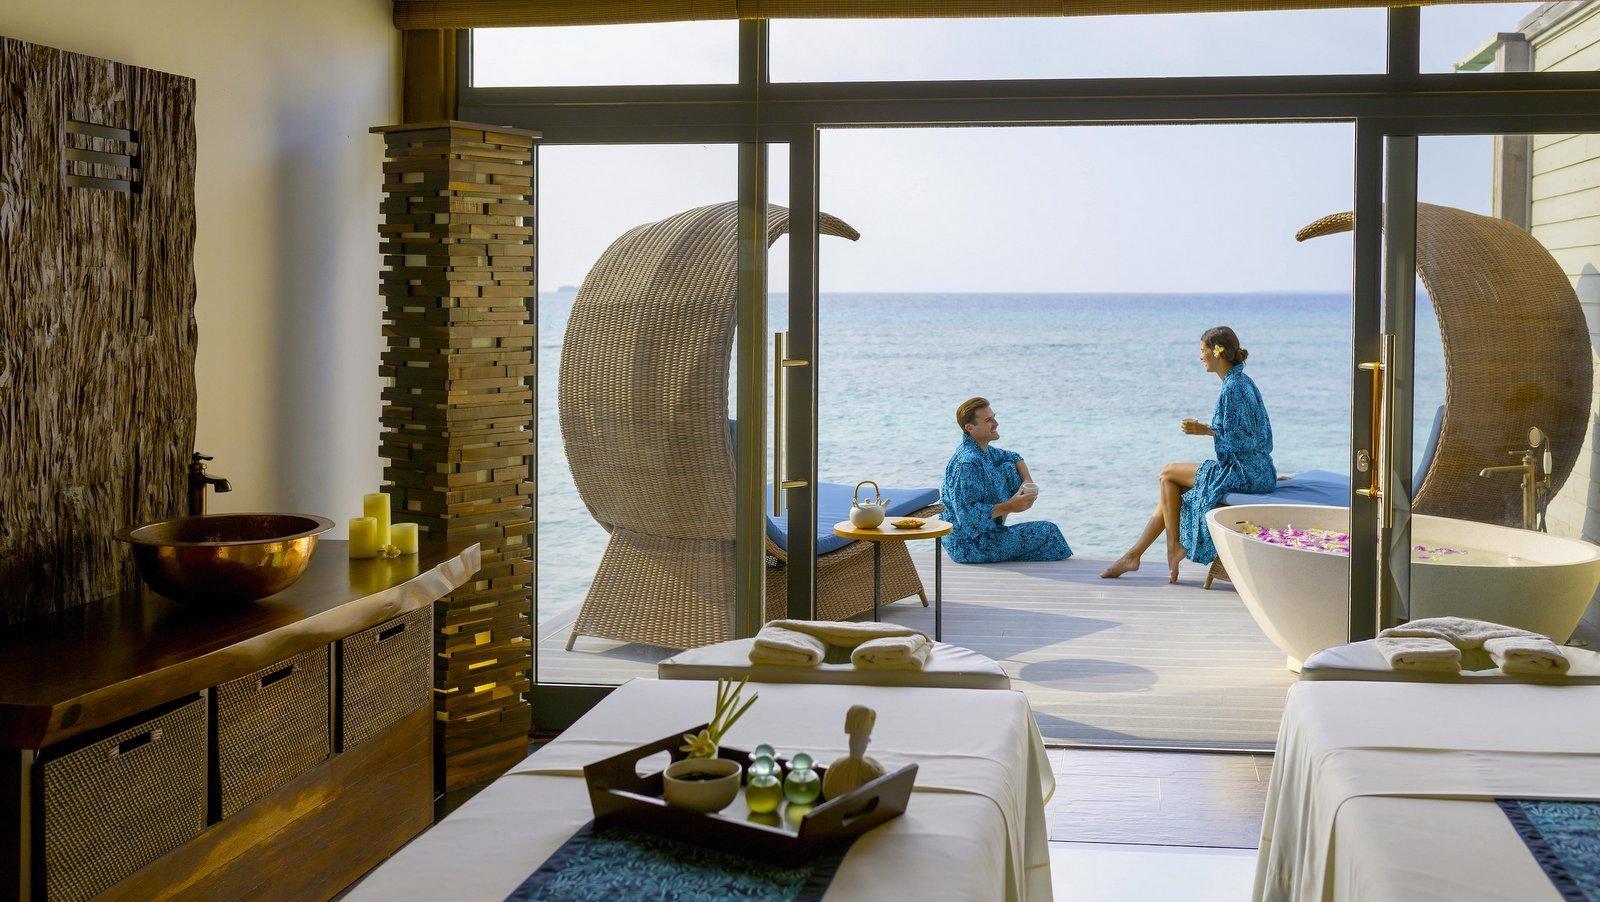 Мальдивы, отель Movenpick Resort Kuredhivaru Maldives, спа